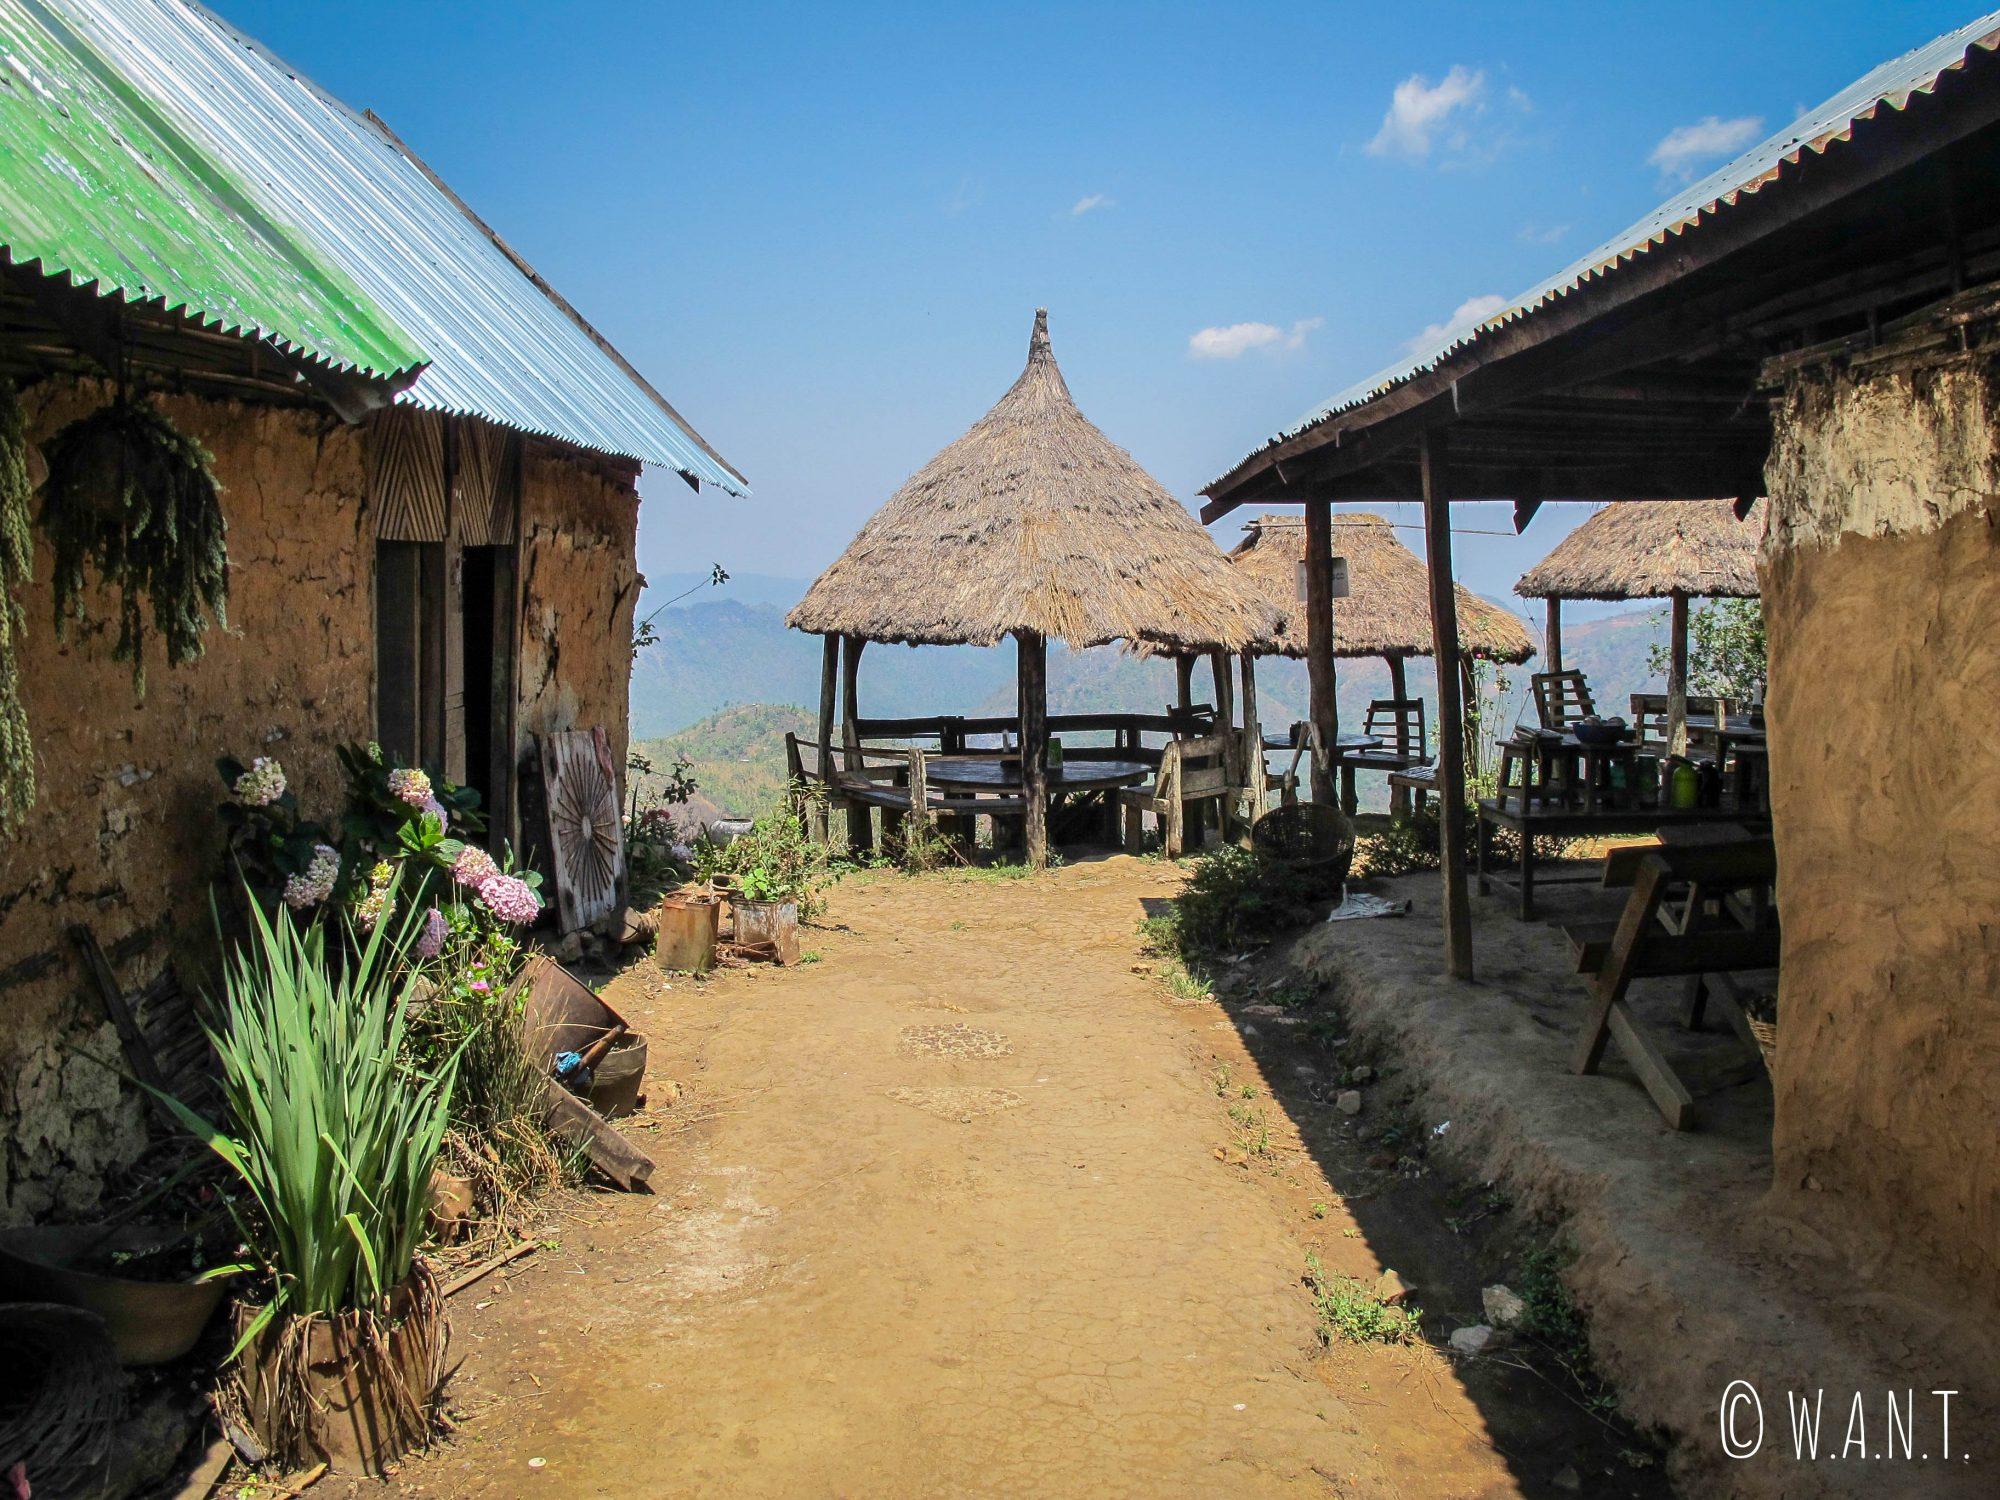 Premier déjeuner dans un restaurant népalais à flanc de colline